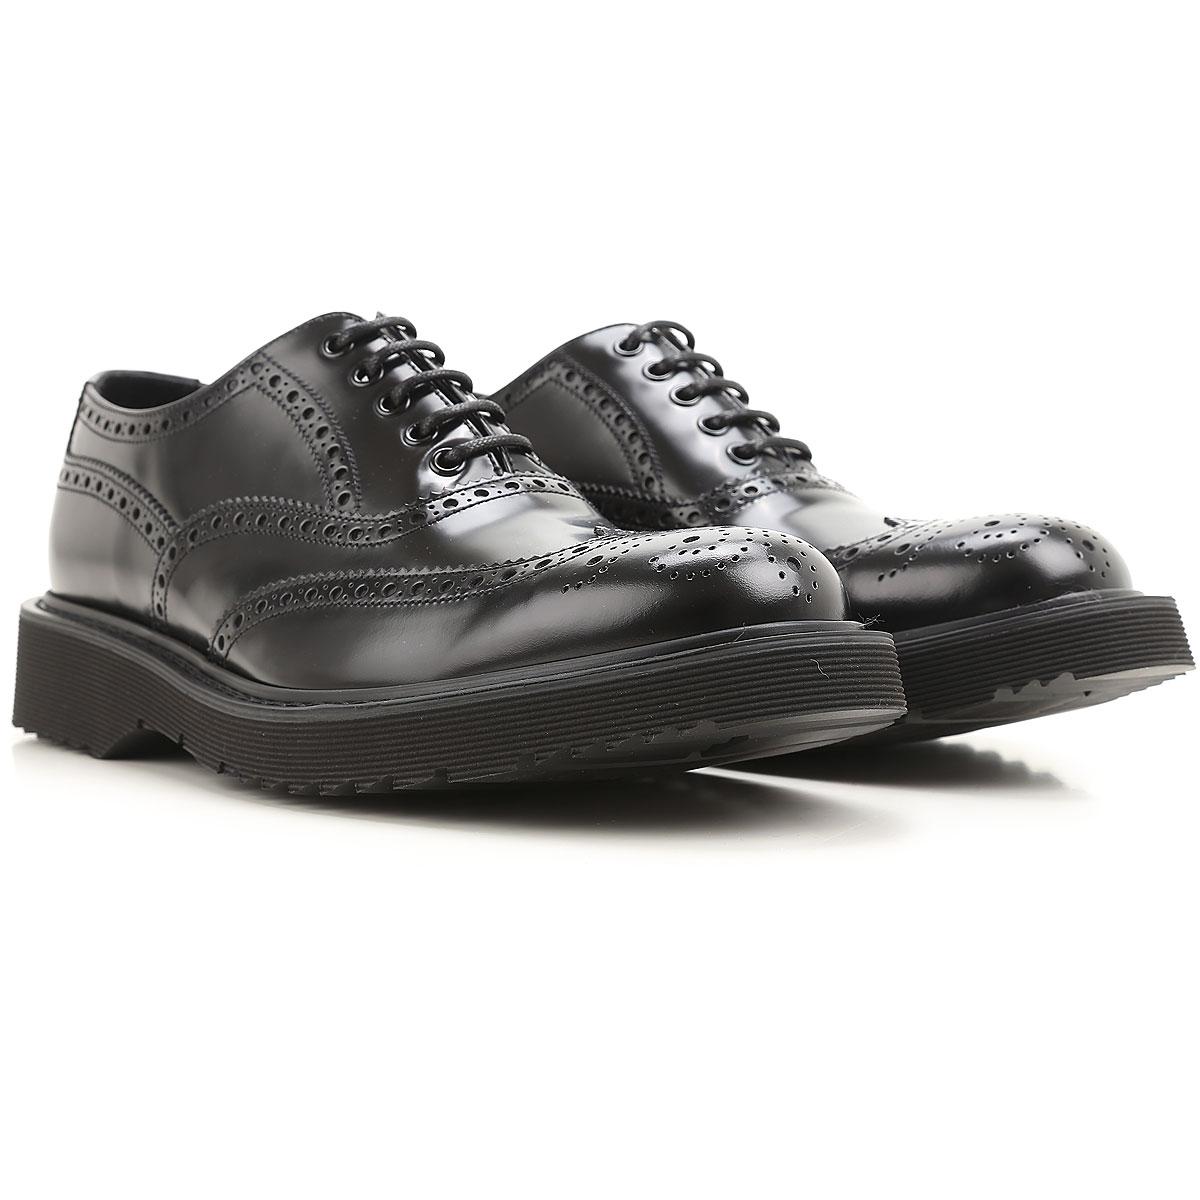 Prada Chaussure à Lacets Homme, Oxfords, Derbies et Richelieu Pas cher en Soldes, Noir, Cuir, 2017, 39 40 40.5 41 41.5 42 42.5 43 43.5 44